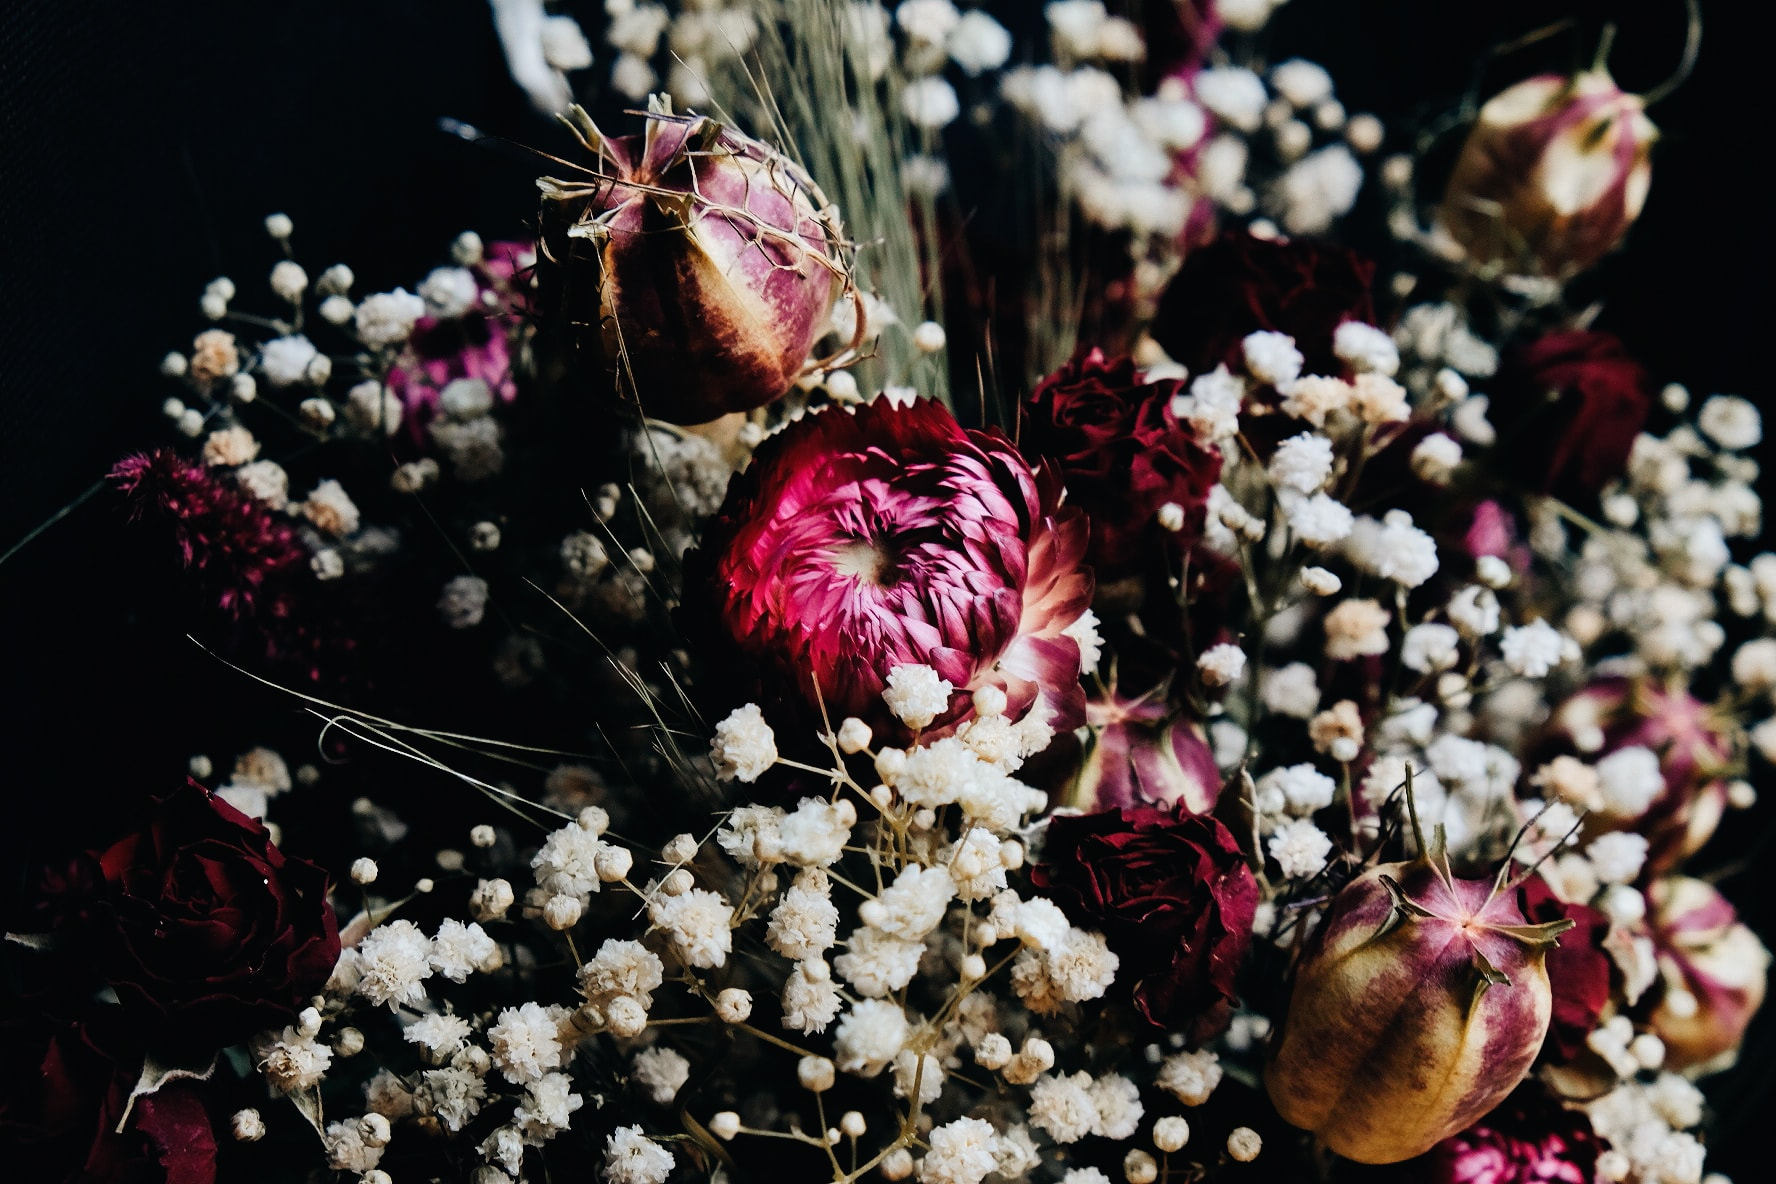 Fleurs séchées ambiance romantique baroque